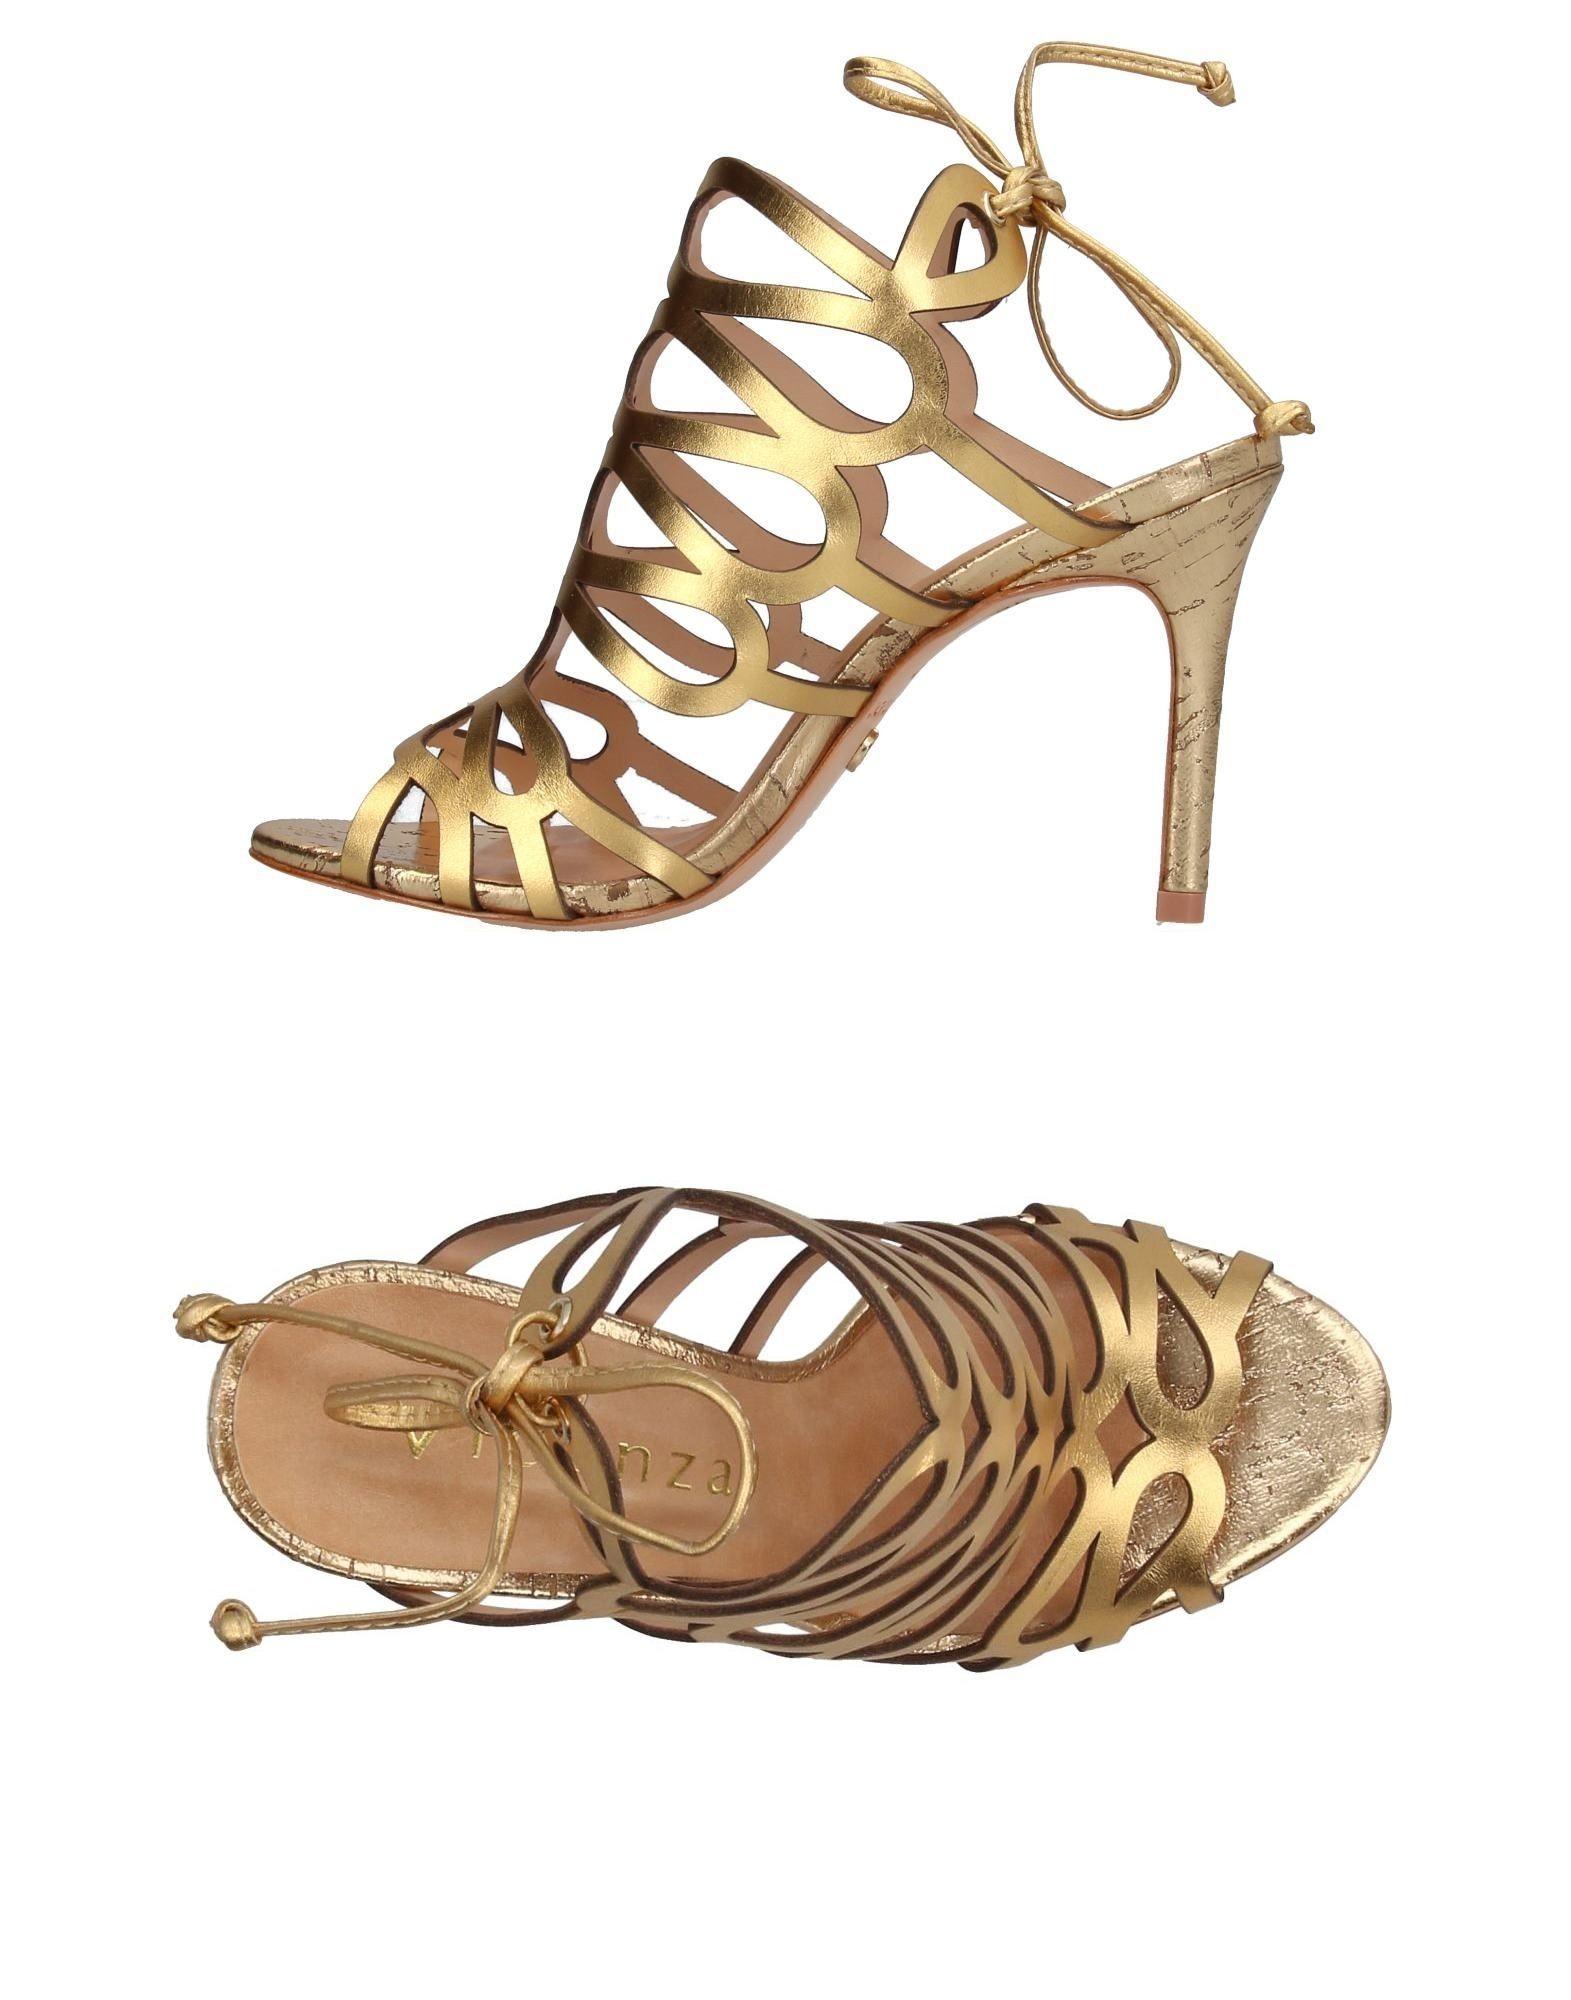 Vicenza) Sandalen Damen  11399303TL Gute Qualität beliebte Schuhe Schuhe beliebte d84b01